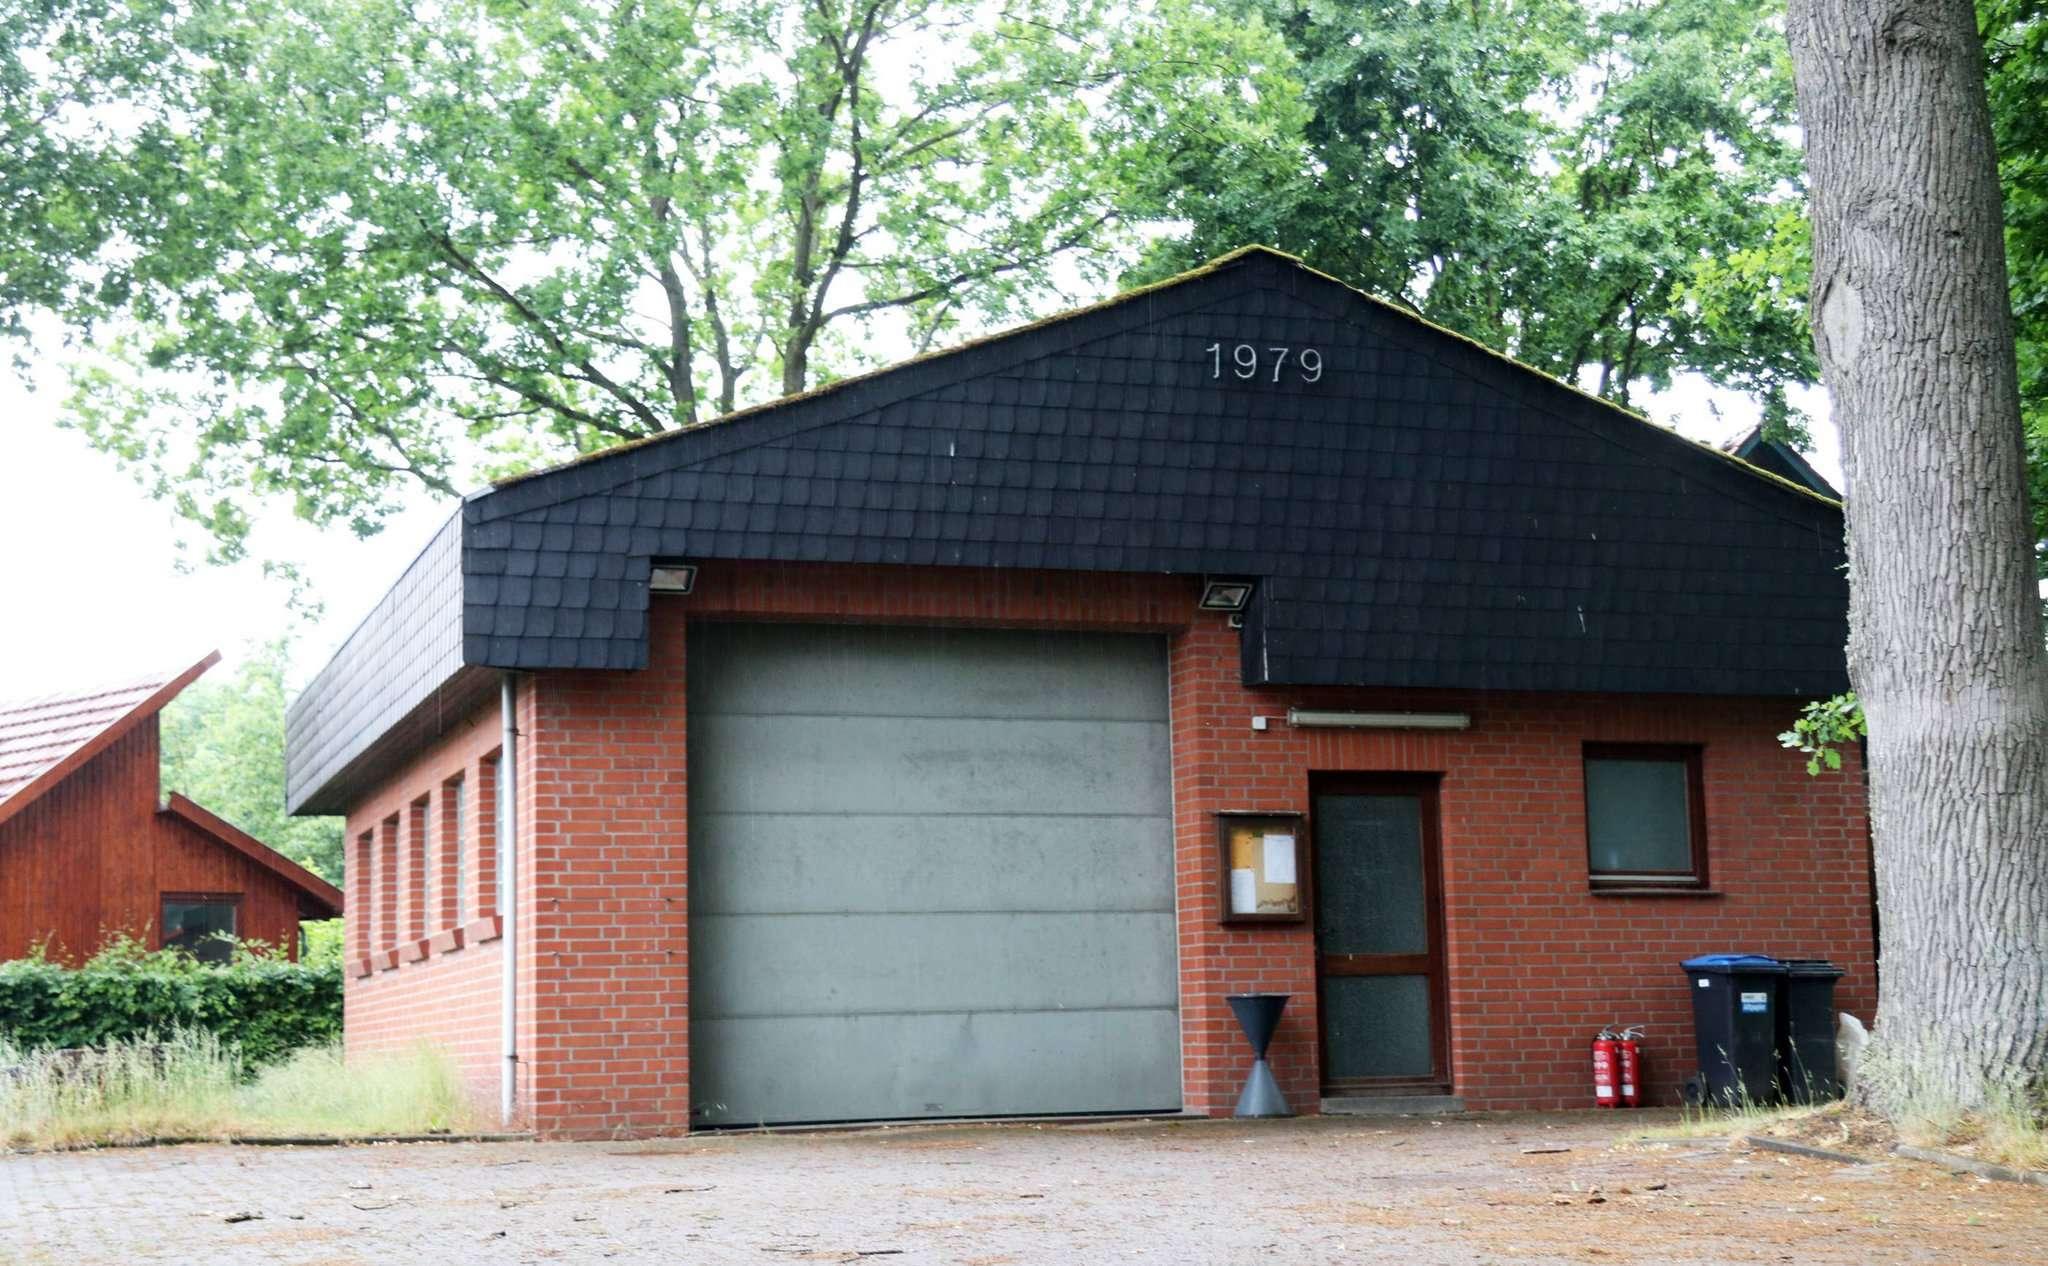 Das Feuerwehrhaus Buchholz: Links von dem Bestandsgebäude soll noch in diesem Jahr eine Fahrzeughalle entstehen. Foto: Nina Baucke